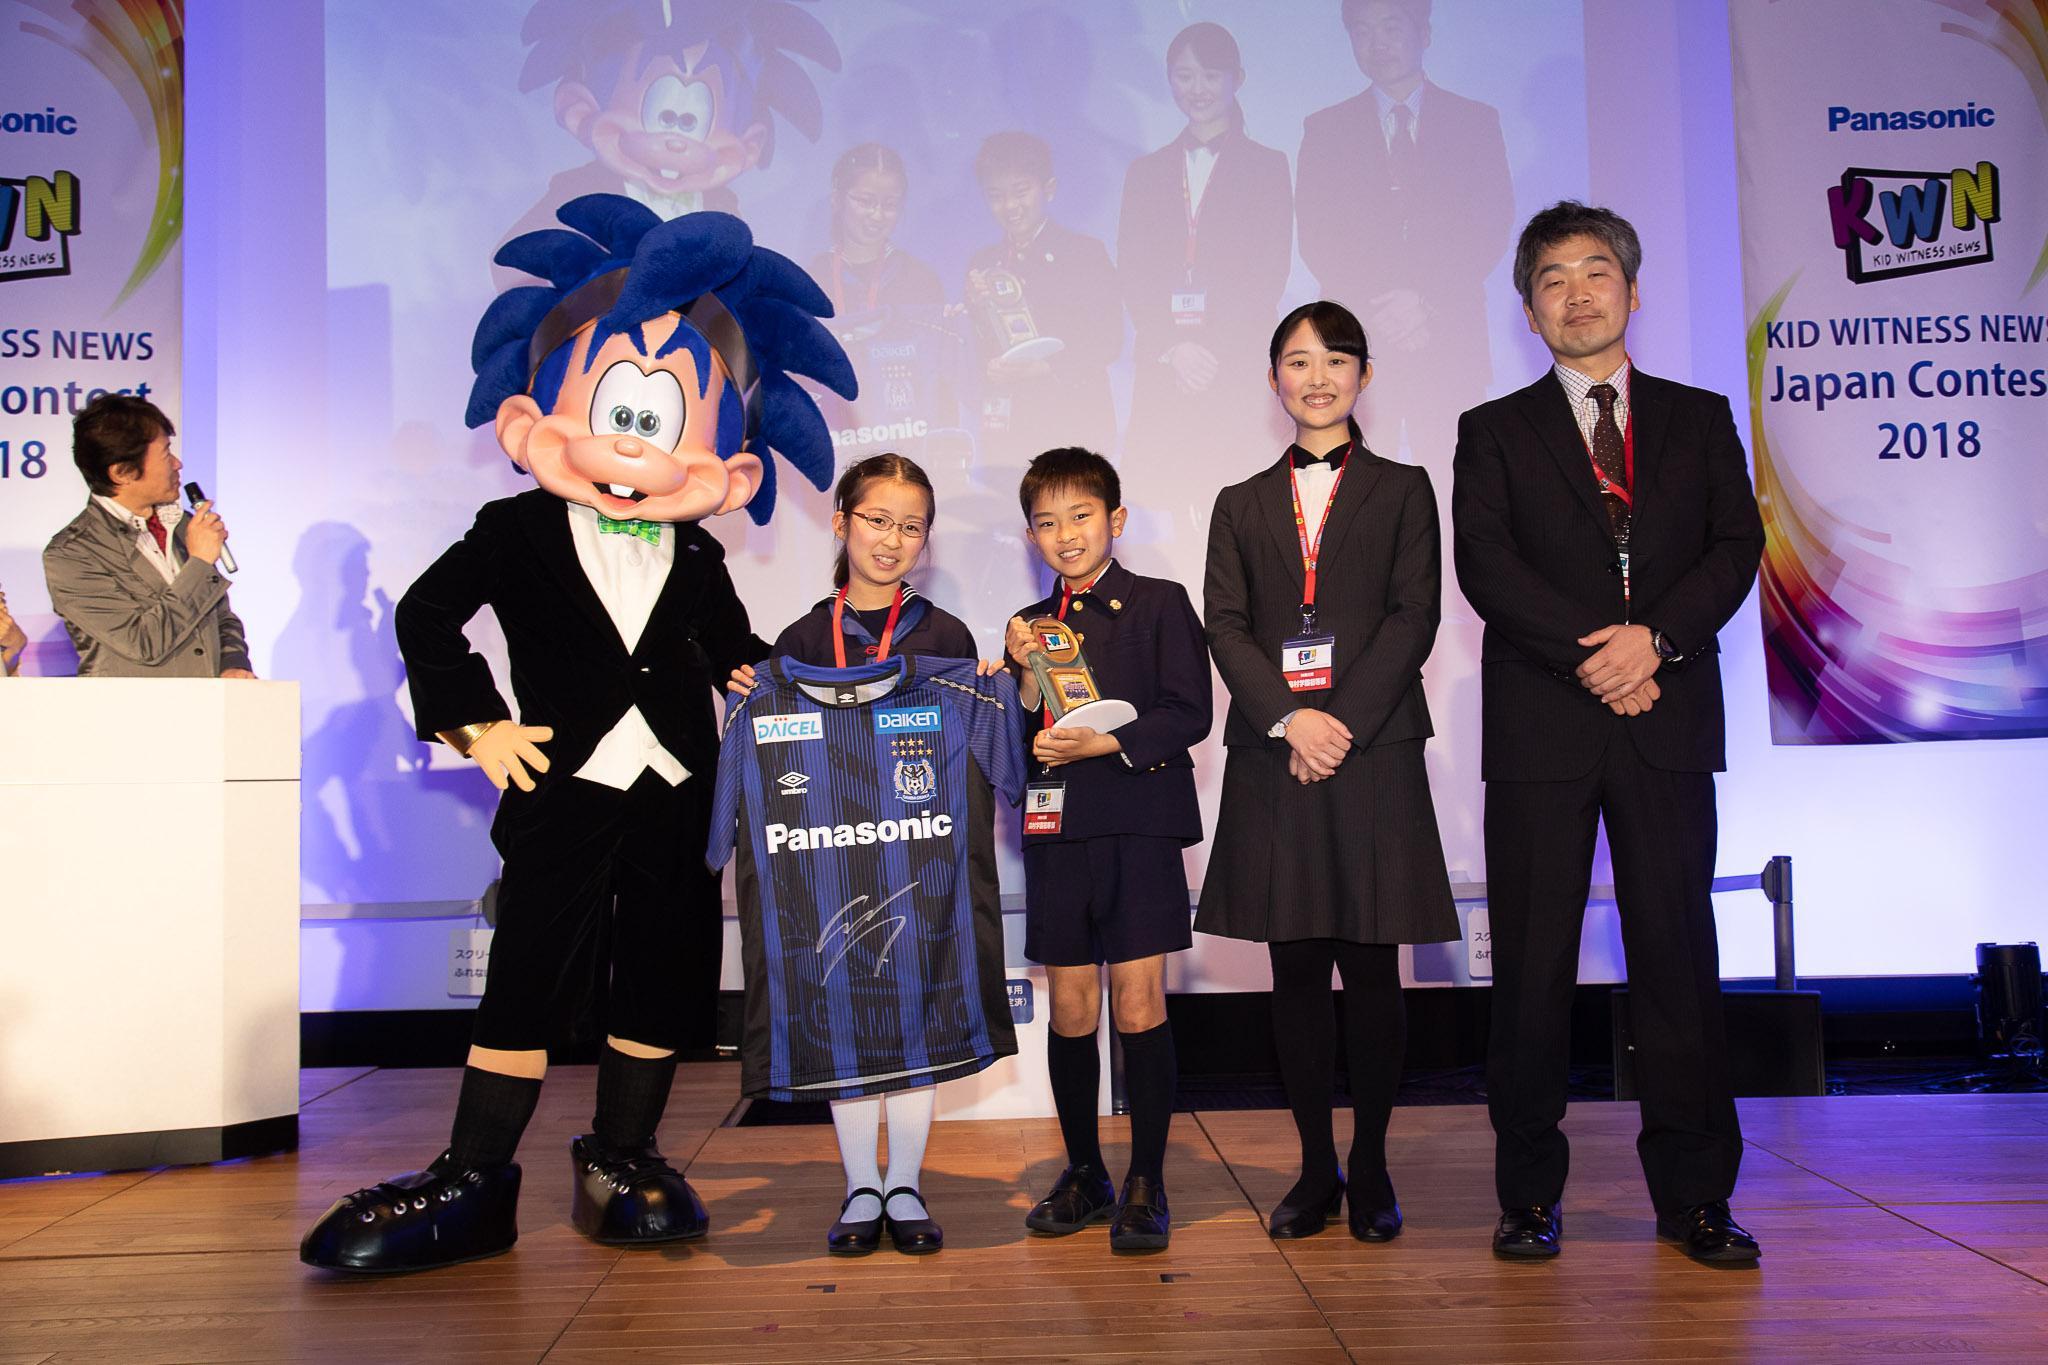 パナソニックキッズスクール キッド・ウィットネス・ニュース(KWN)日本コンテスト2018 最優秀作品校が決定